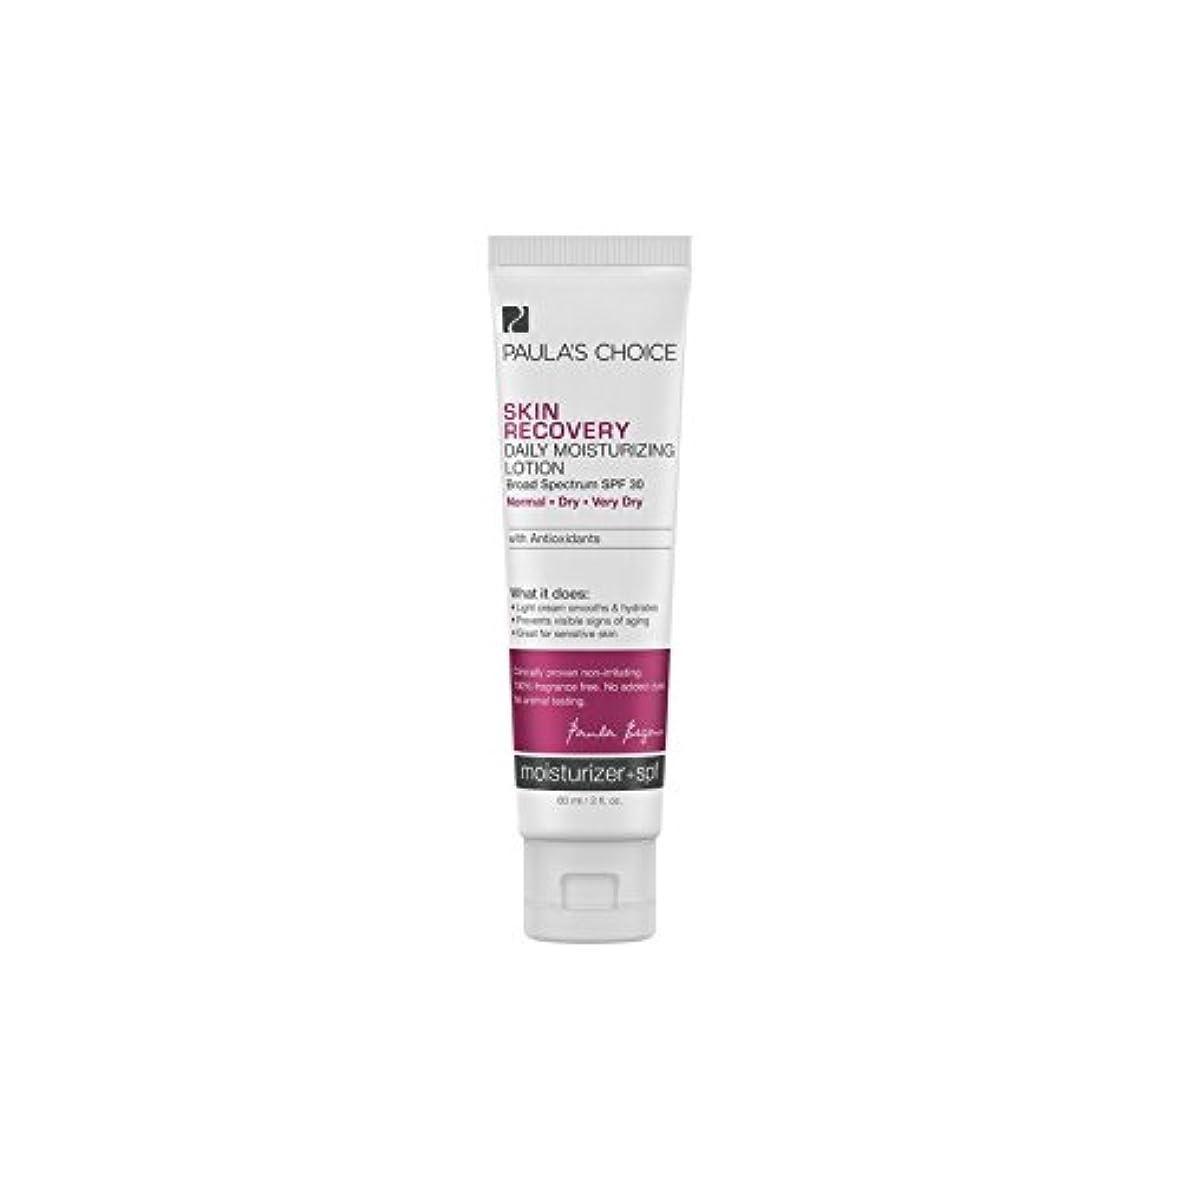 にぎやか資本主義秀でるPaula's Choice Skin Recovery Daily Moisturizing Lotion Spf30 (60ml) - ポーラチョイスの肌の回復毎日の保湿ローション30(60ミリリットル) [並行輸入品]